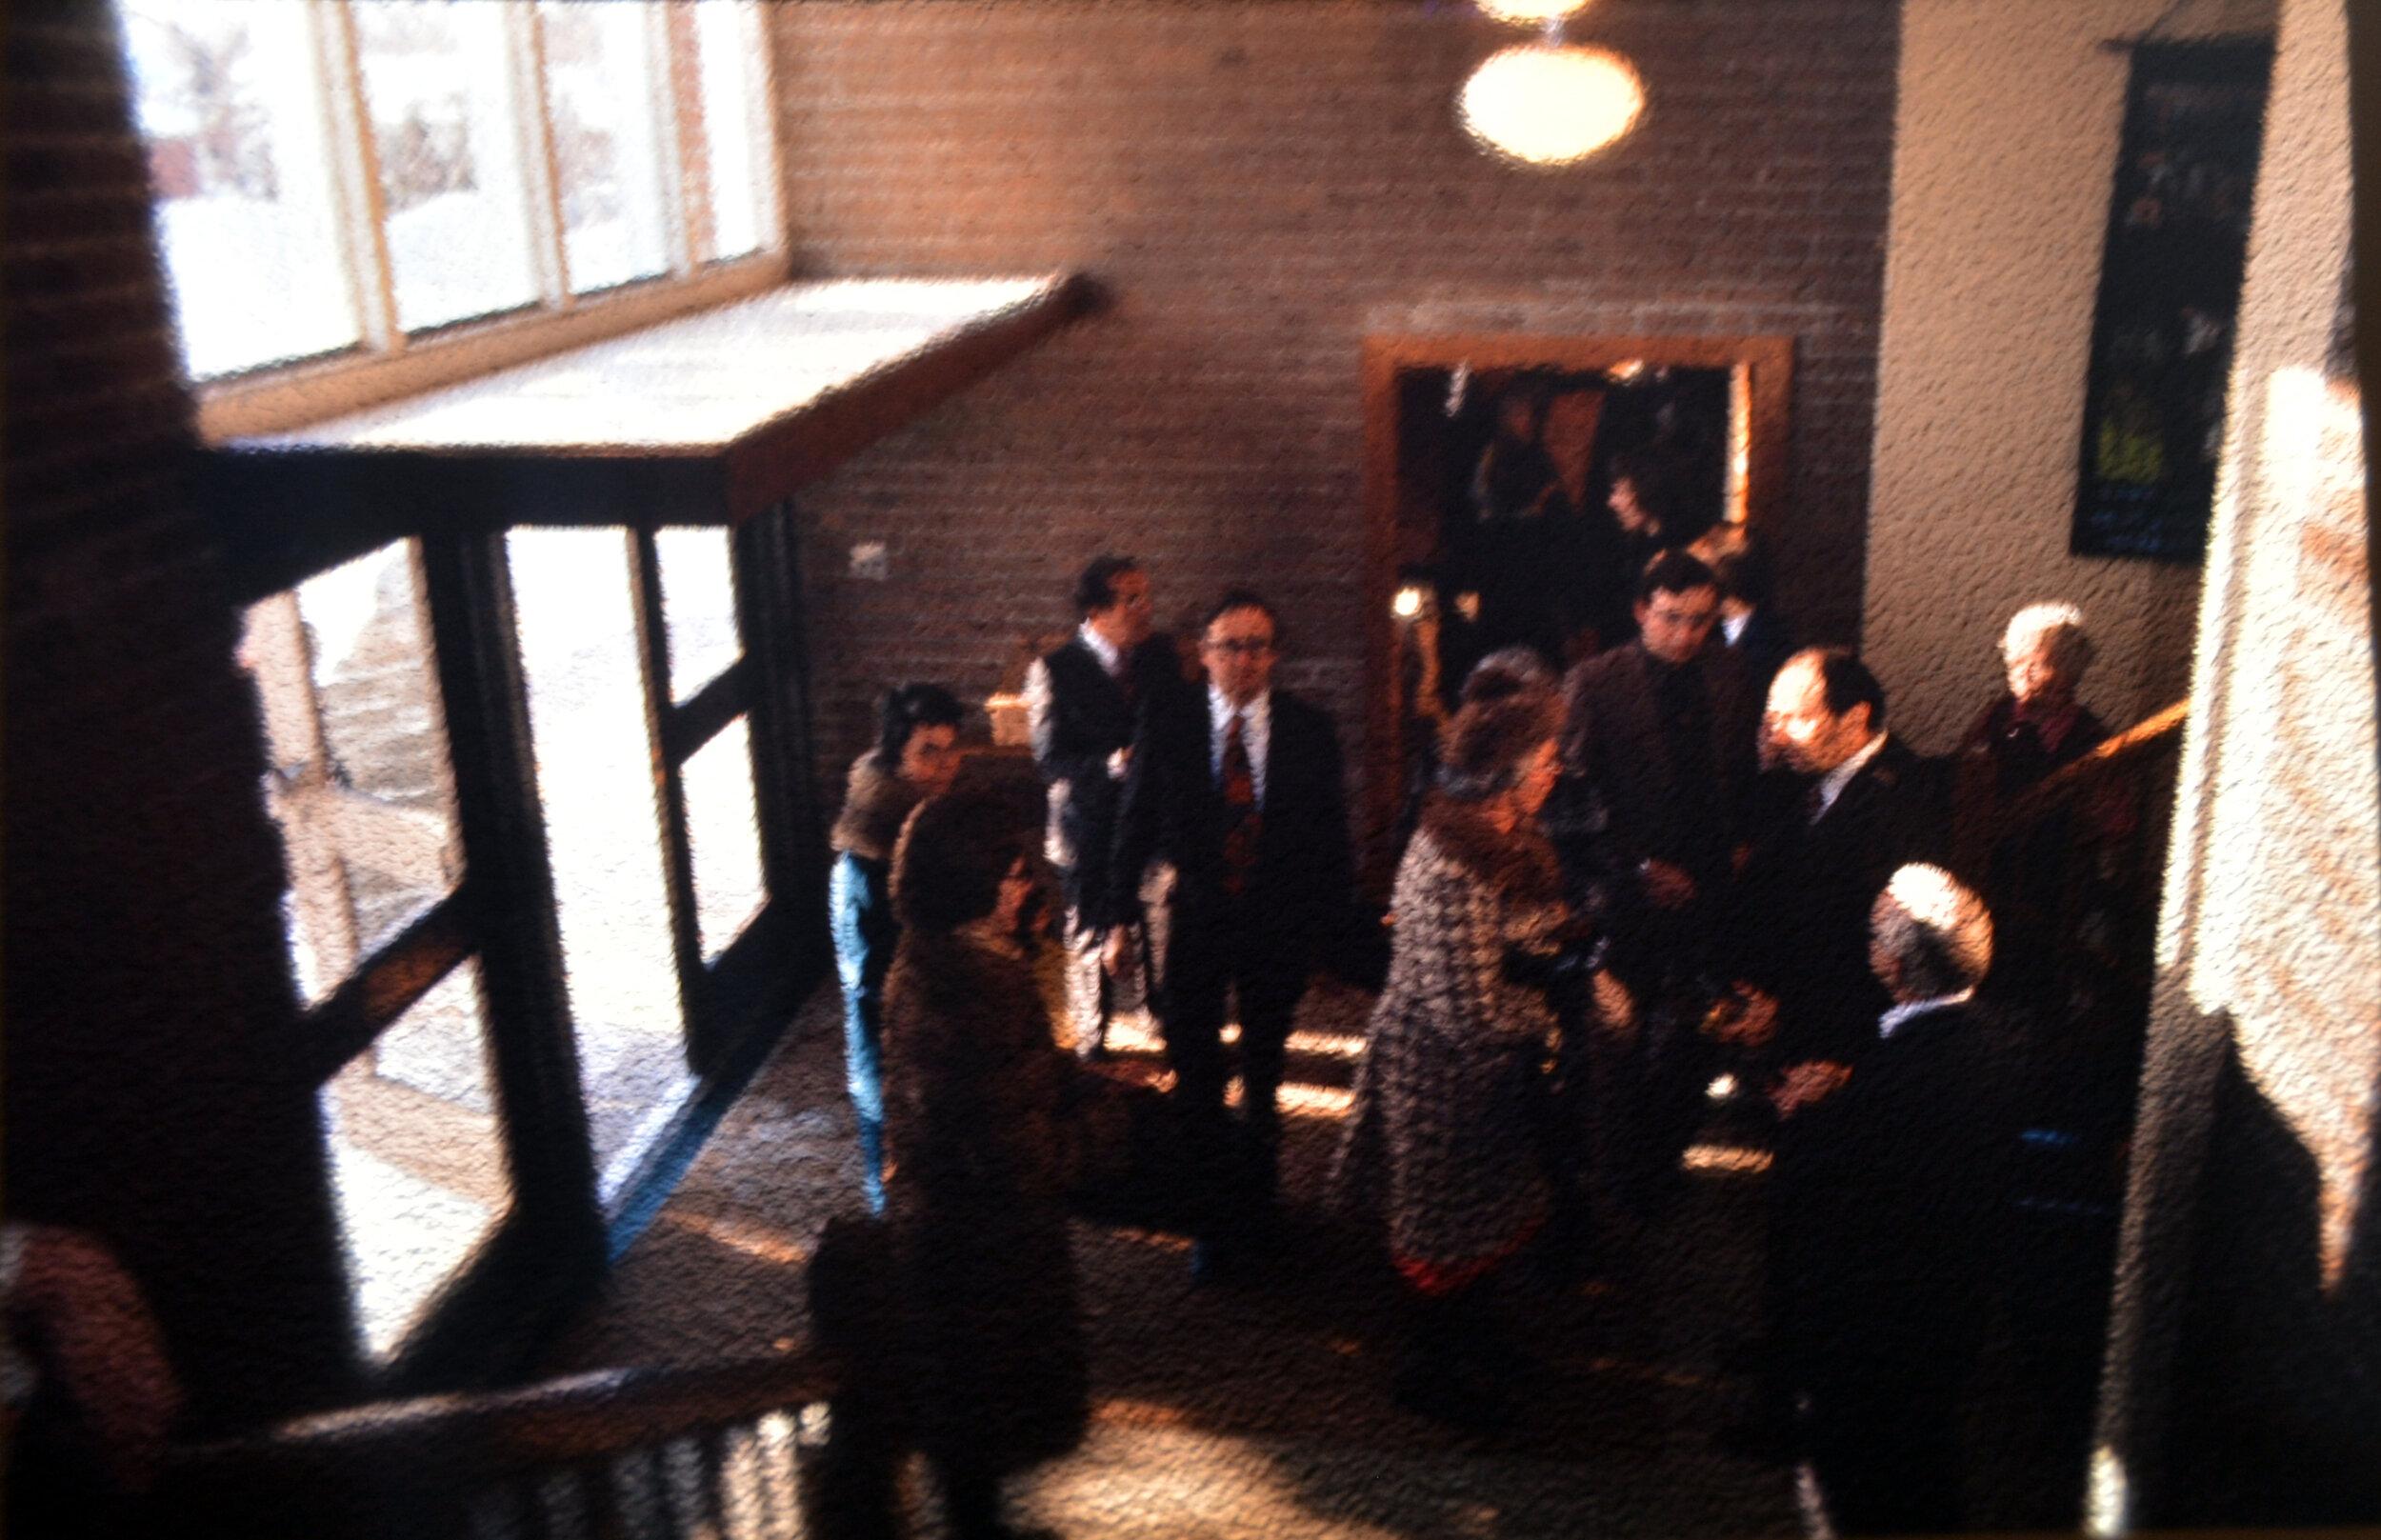 SGC 1970s - Entrance